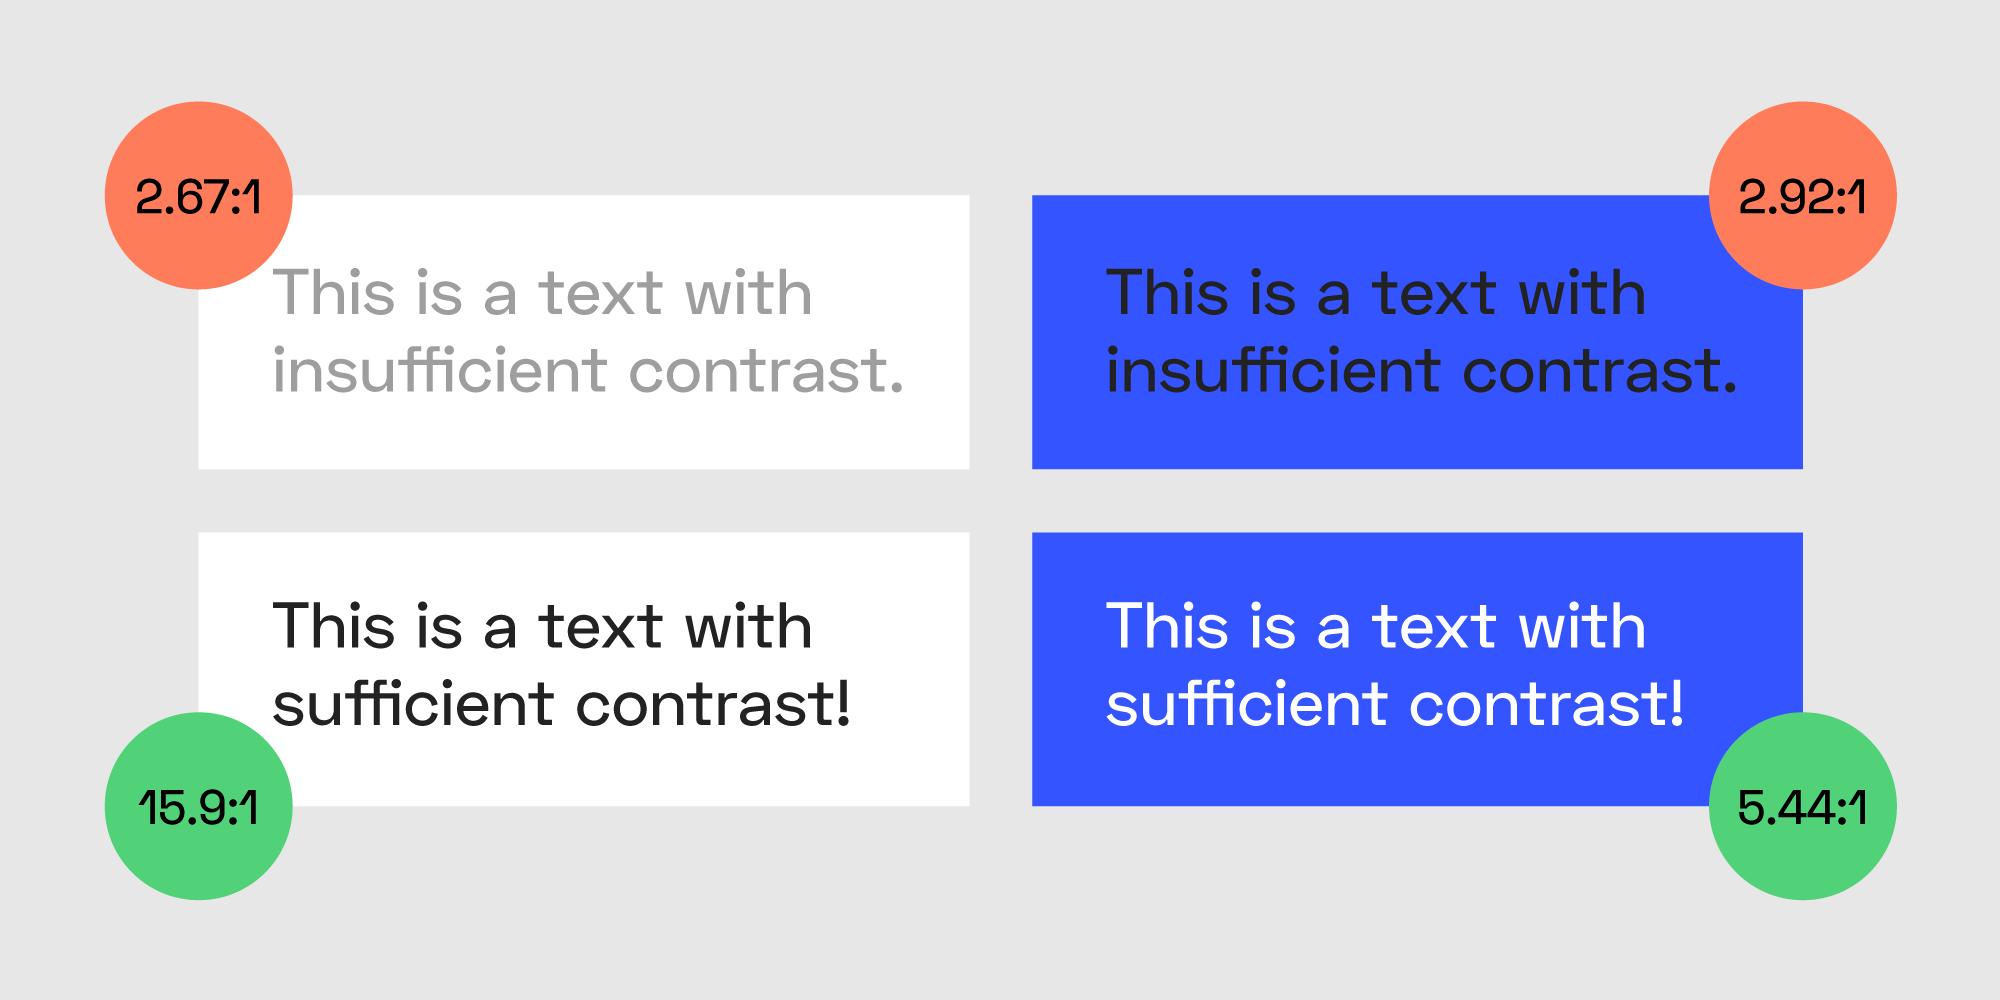 Ulike kombinasjoner av tekst- og bagrunnsfarge gir forskjellige utslag på kontrastforhold.